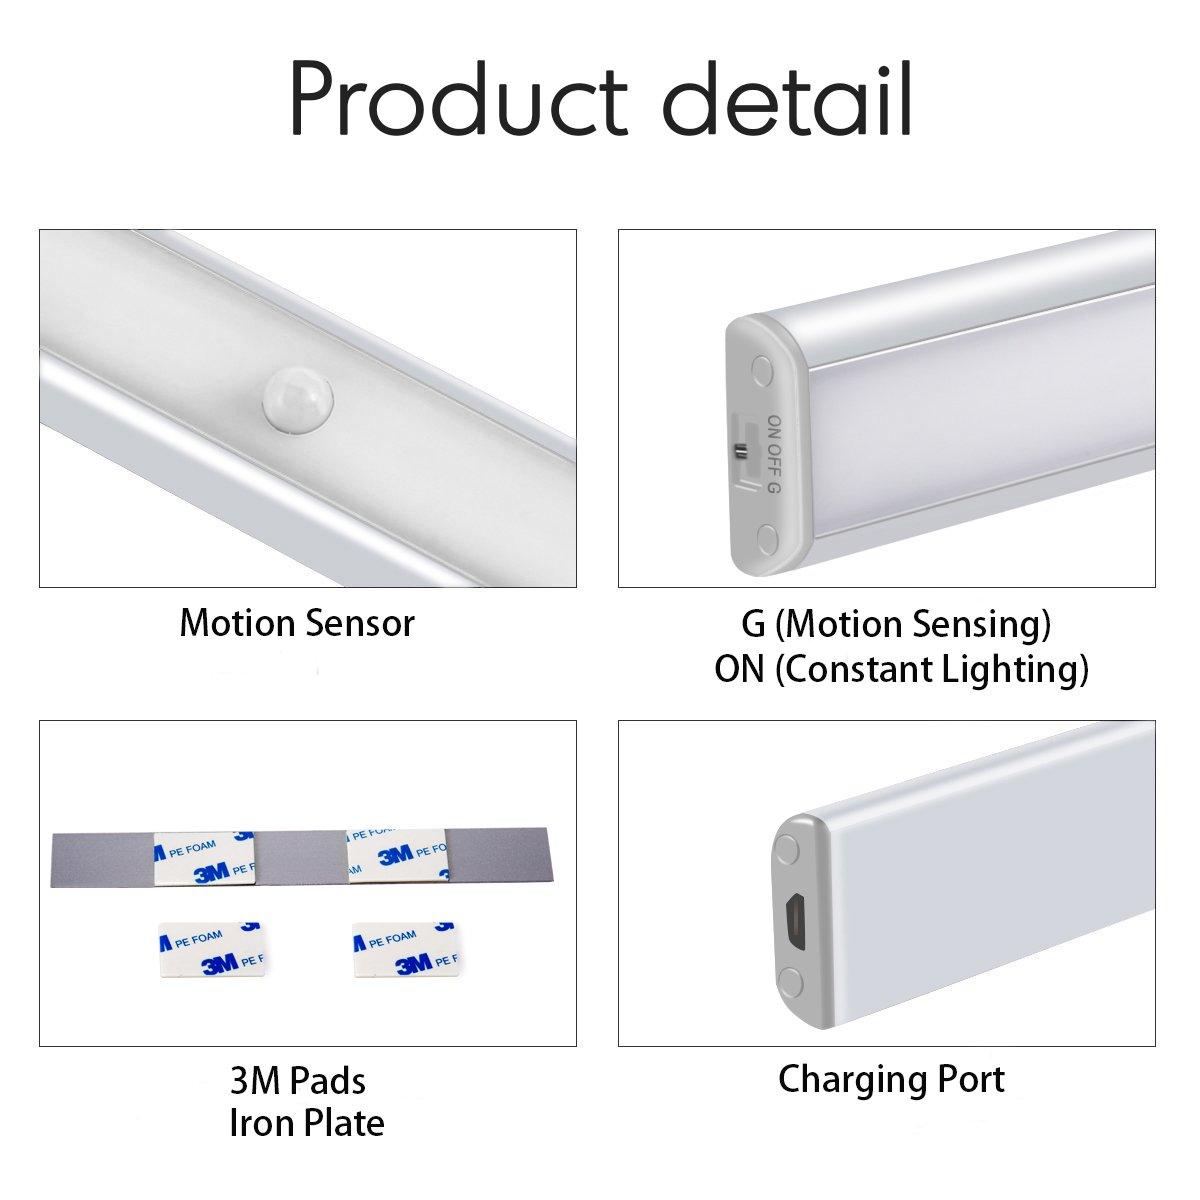 [nuevo] Sensor de movimiento luz para armario - JEBSENS T05 - 1 unidades USB Batería 10 LED funciona con pilas luces para gabinetes, escalera, pasillo, ...